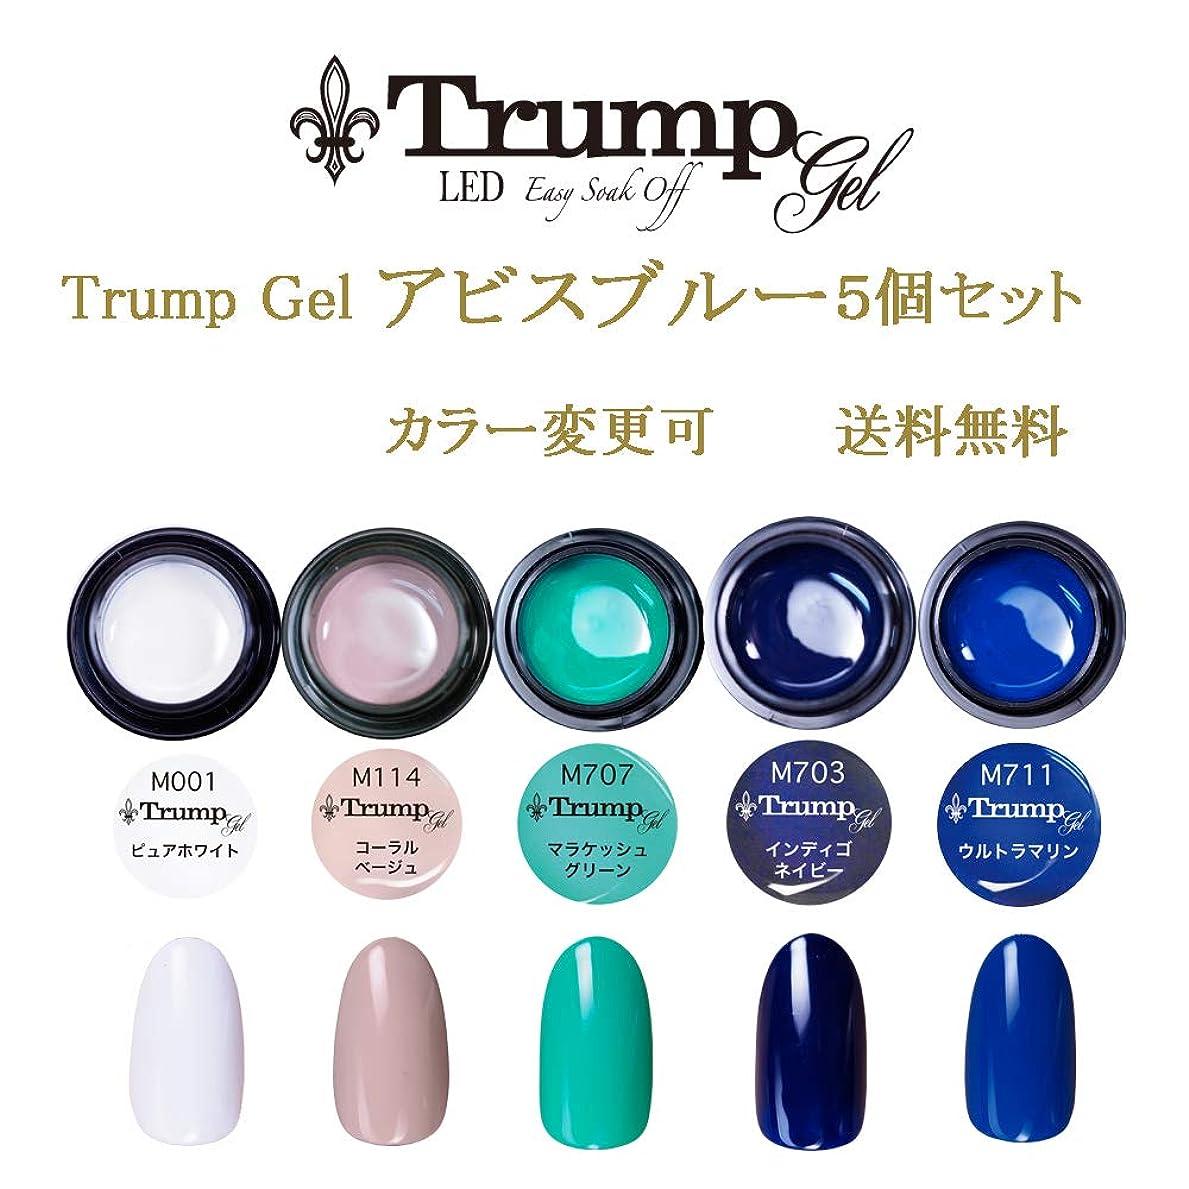 昇る人質しっかり日本製 Trump gel トランプジェル アビスブルーカラー 選べる カラージェル 5個セット ブルー ベージュ ターコイズ